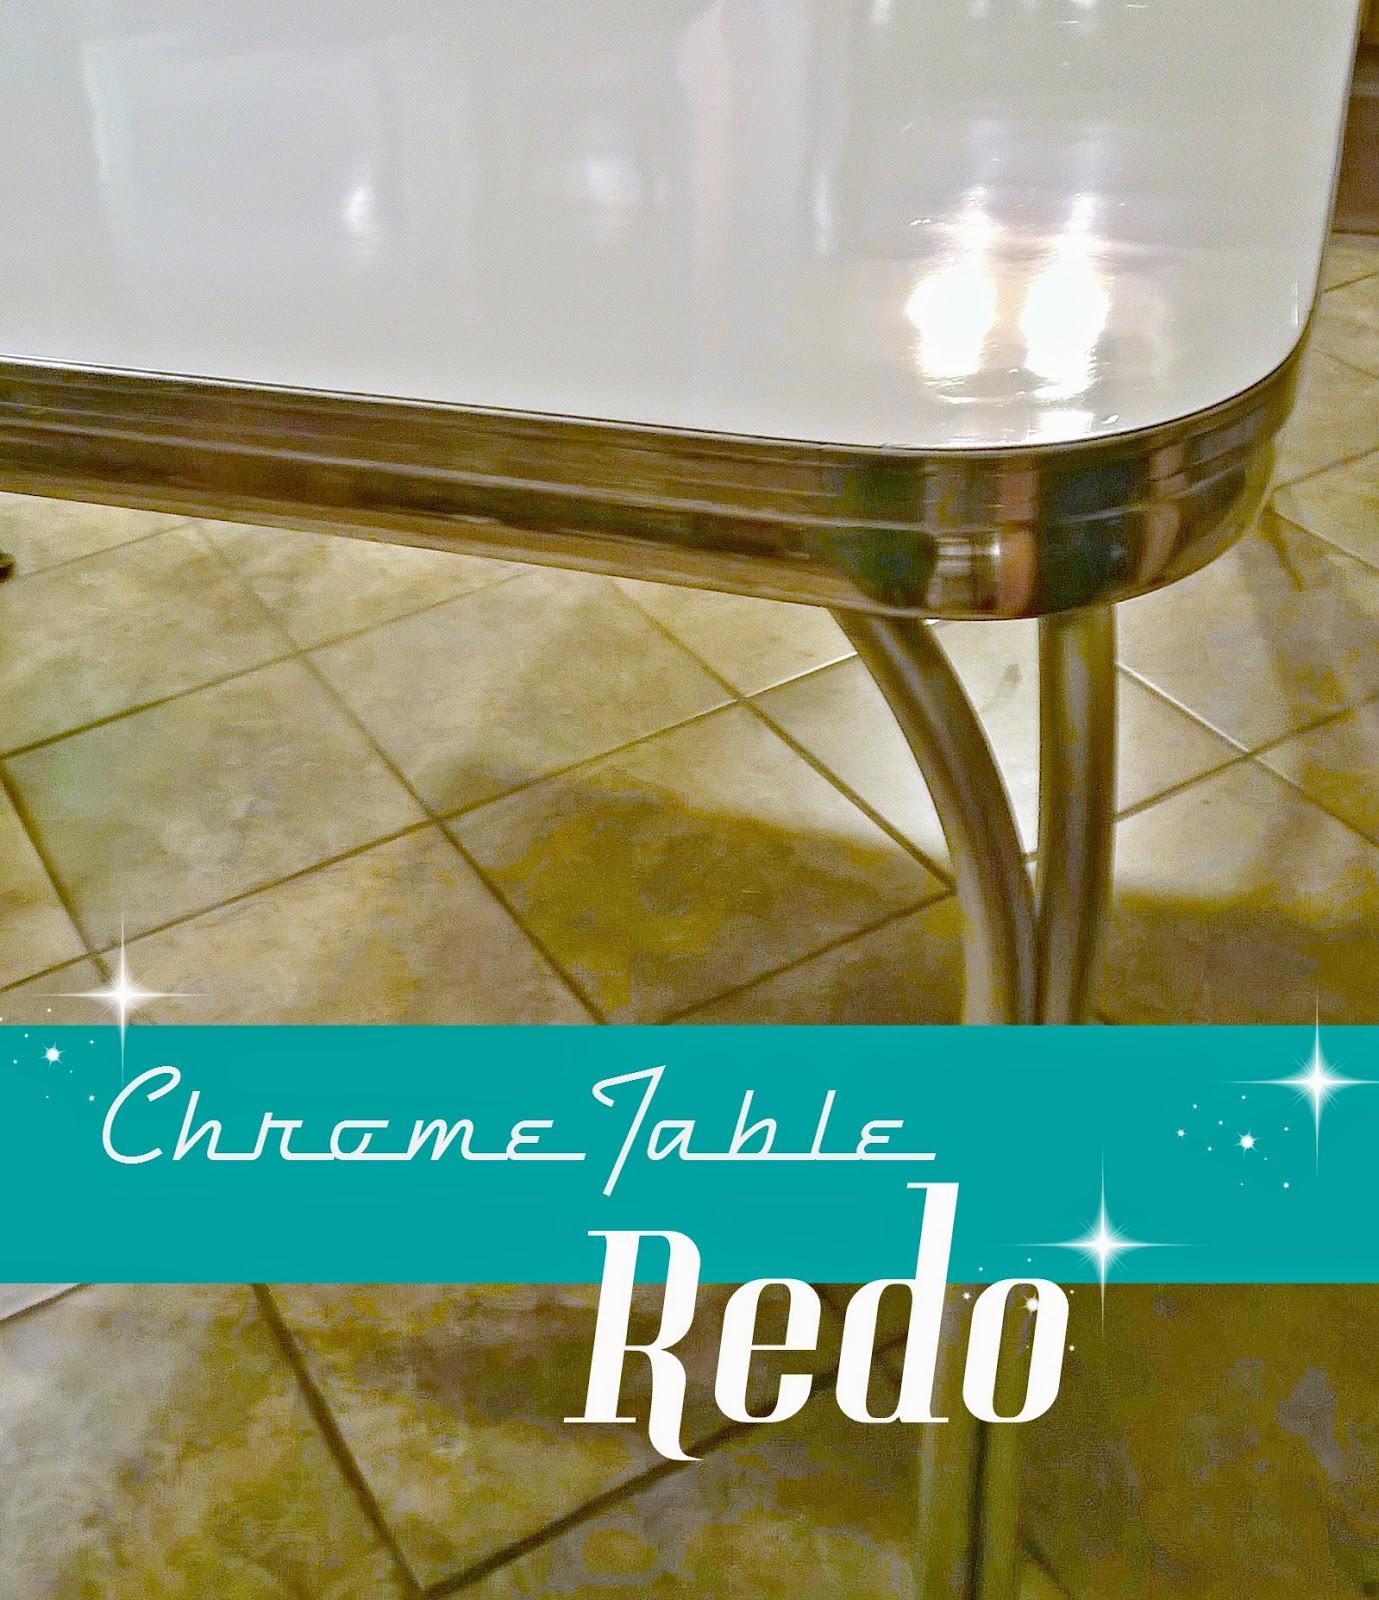 retro chrome table redo redo kitchen table Retro Chrome Table Redo